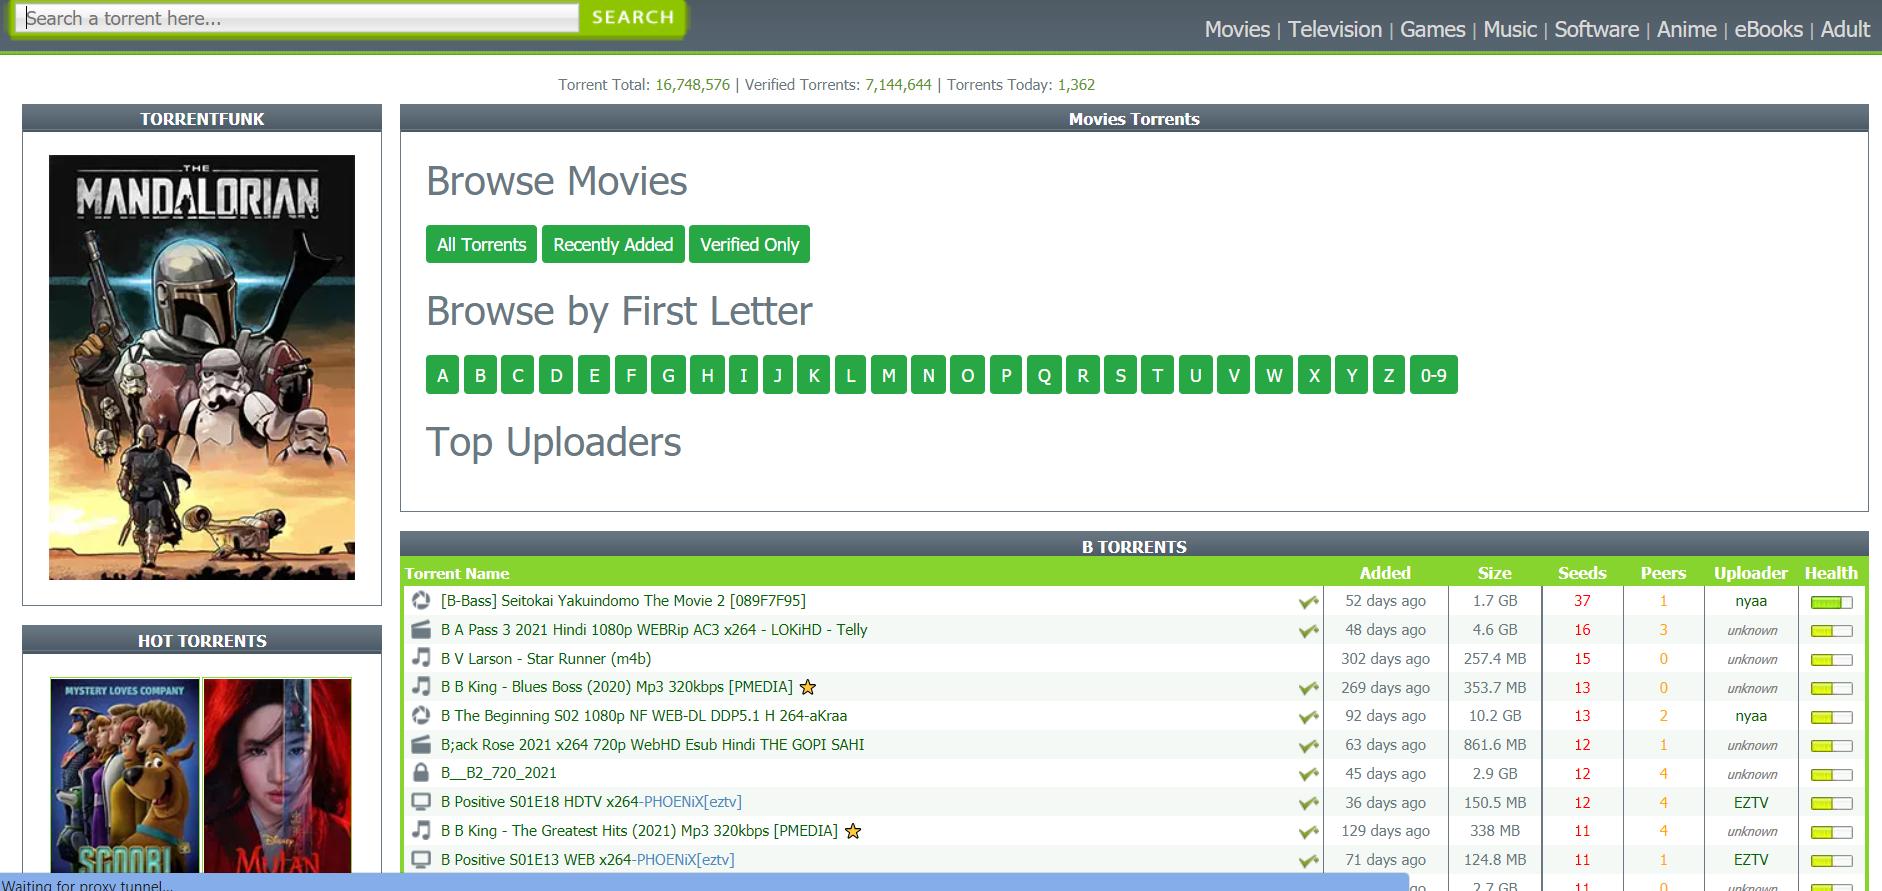 TorrentFunk Movies Torrents